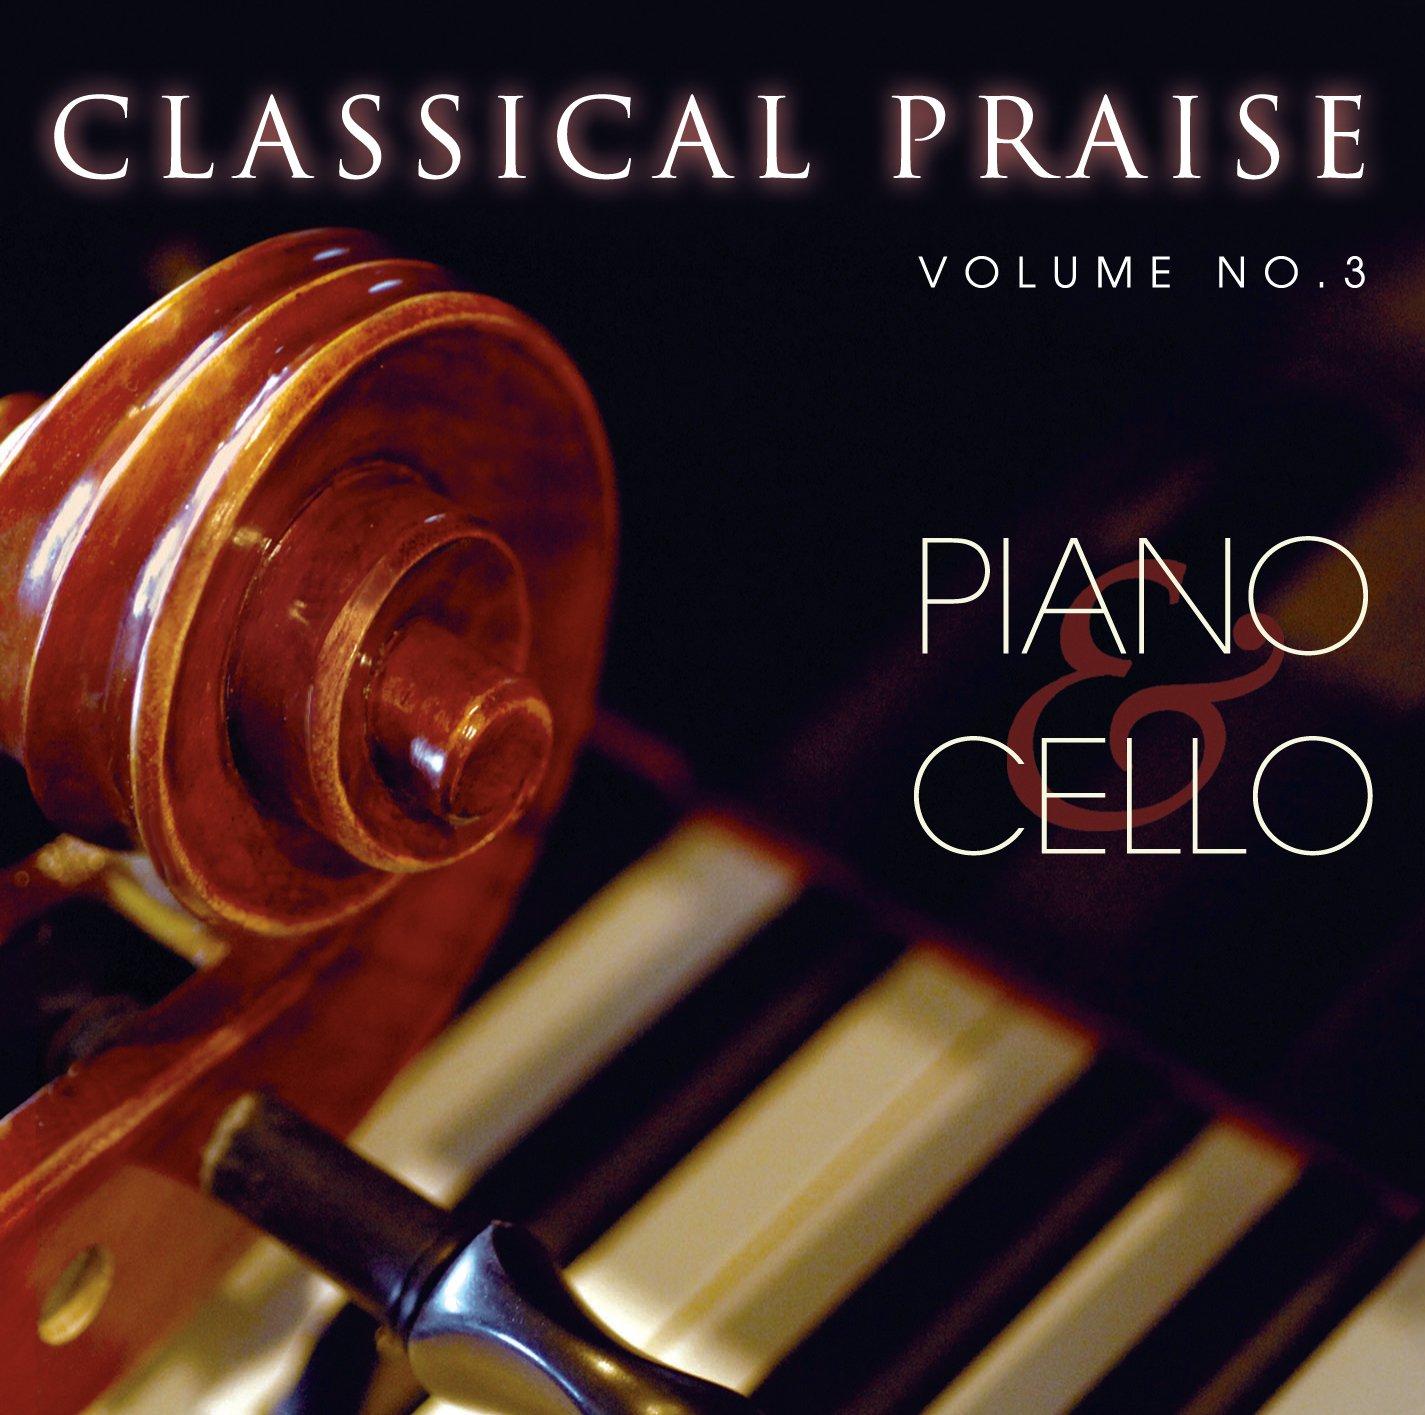 Classical Praise - Piano & Cello